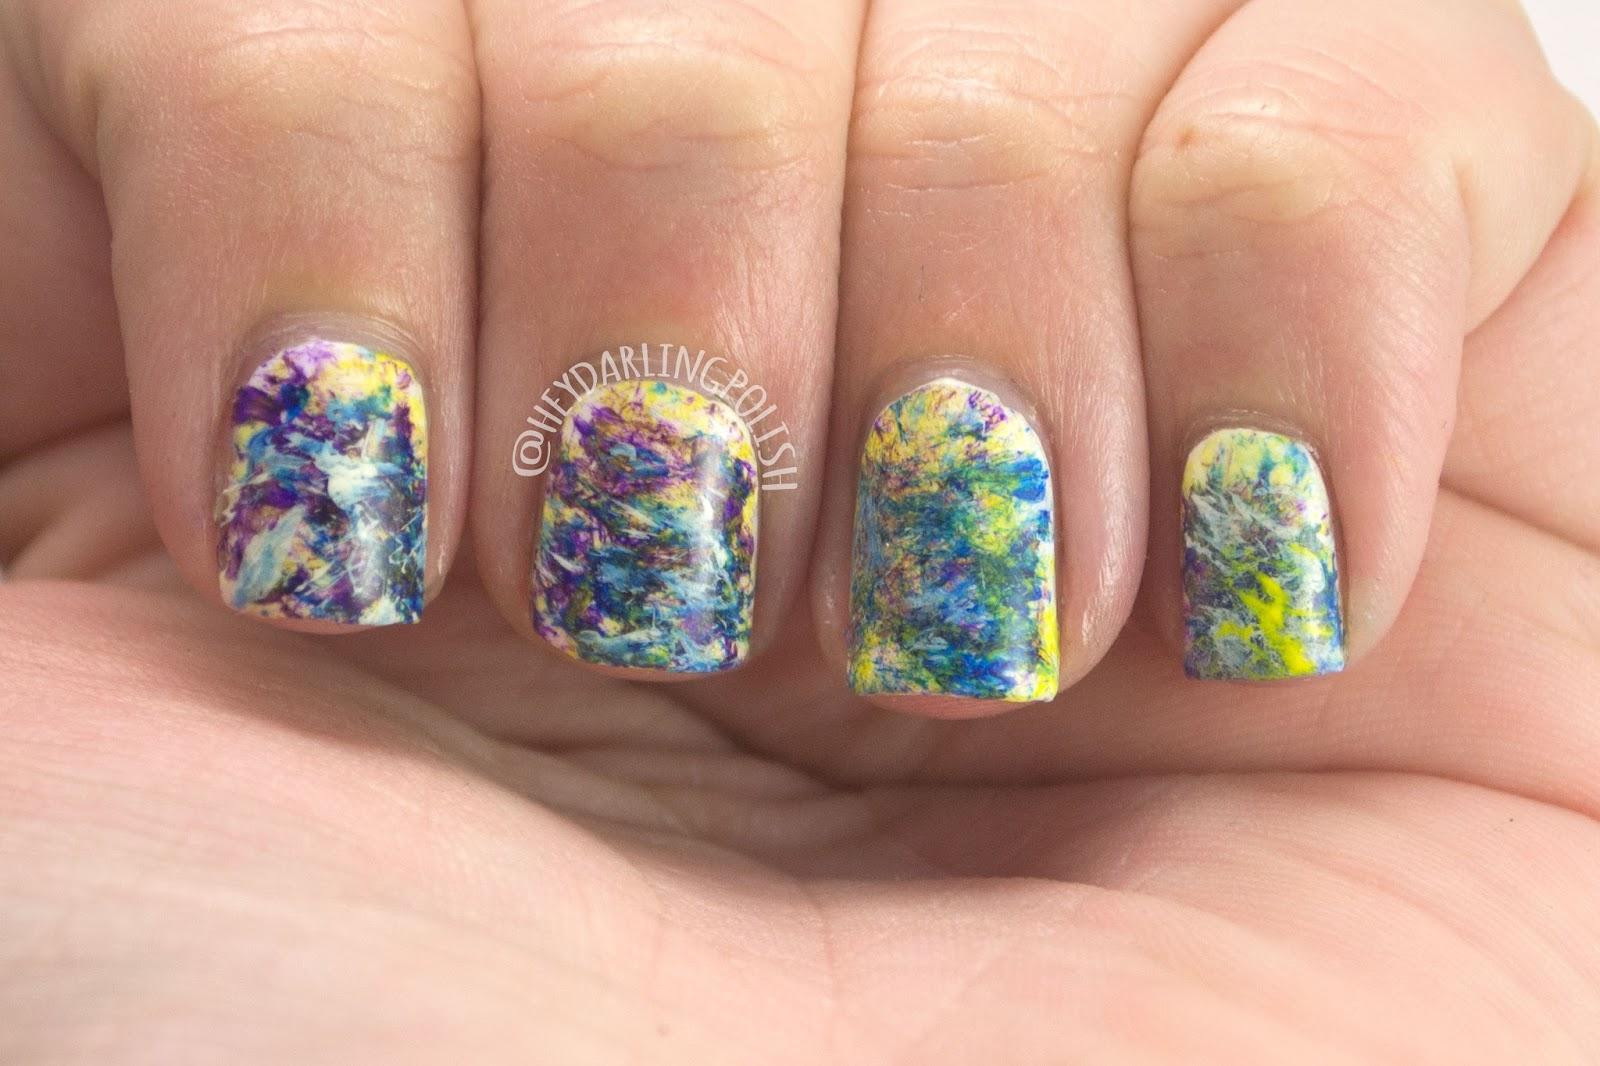 nails, nail art, nail polish, hey darling polish, art, painting, abstract, 31 day challenge, 31dc2014